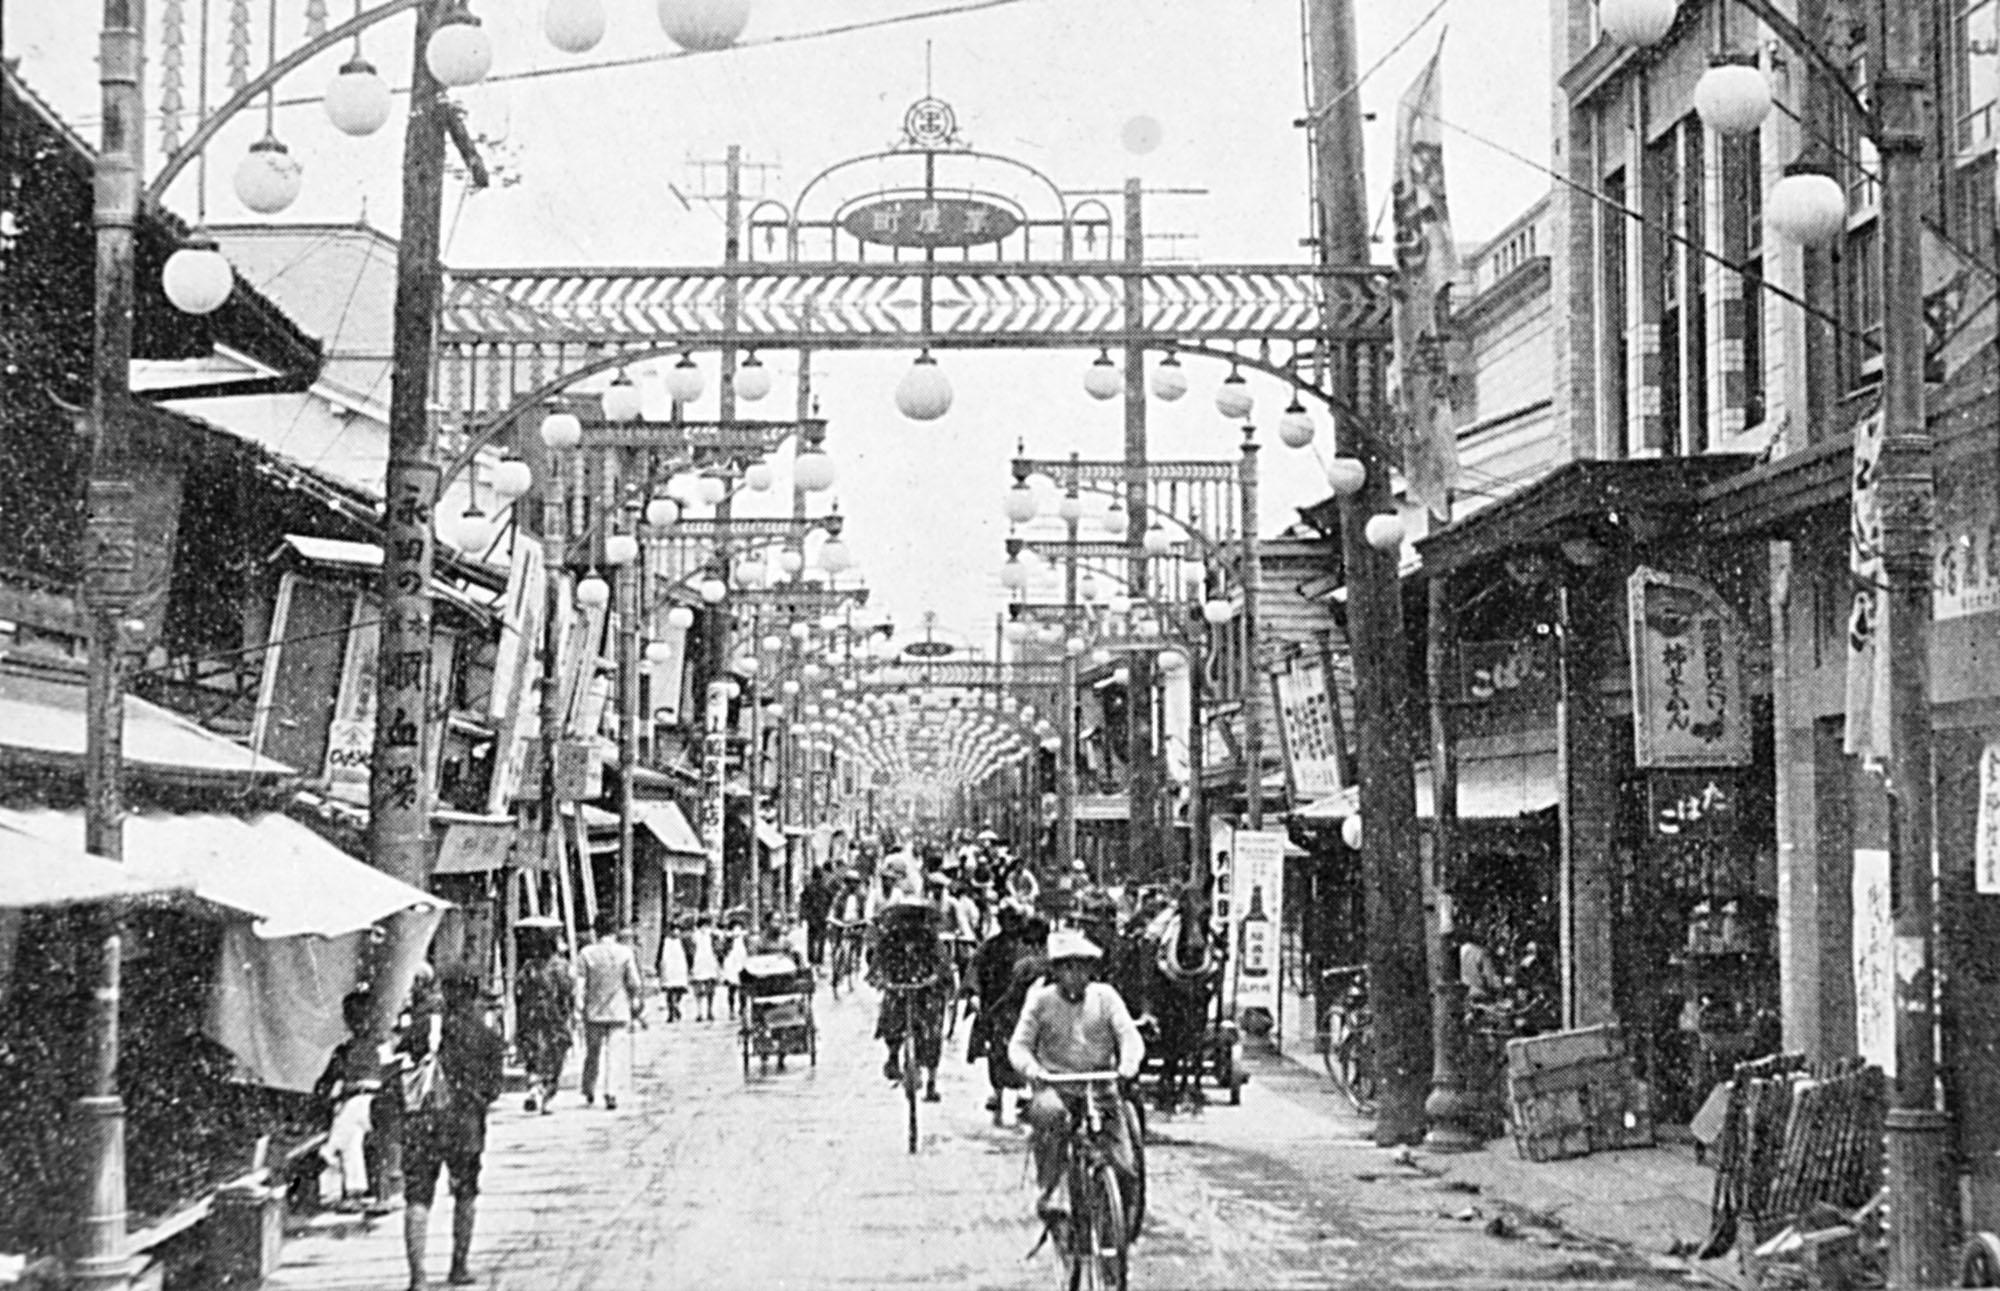 Hiroshima antes da bomba (Fonte: U. S. National Archives/Reprodução)